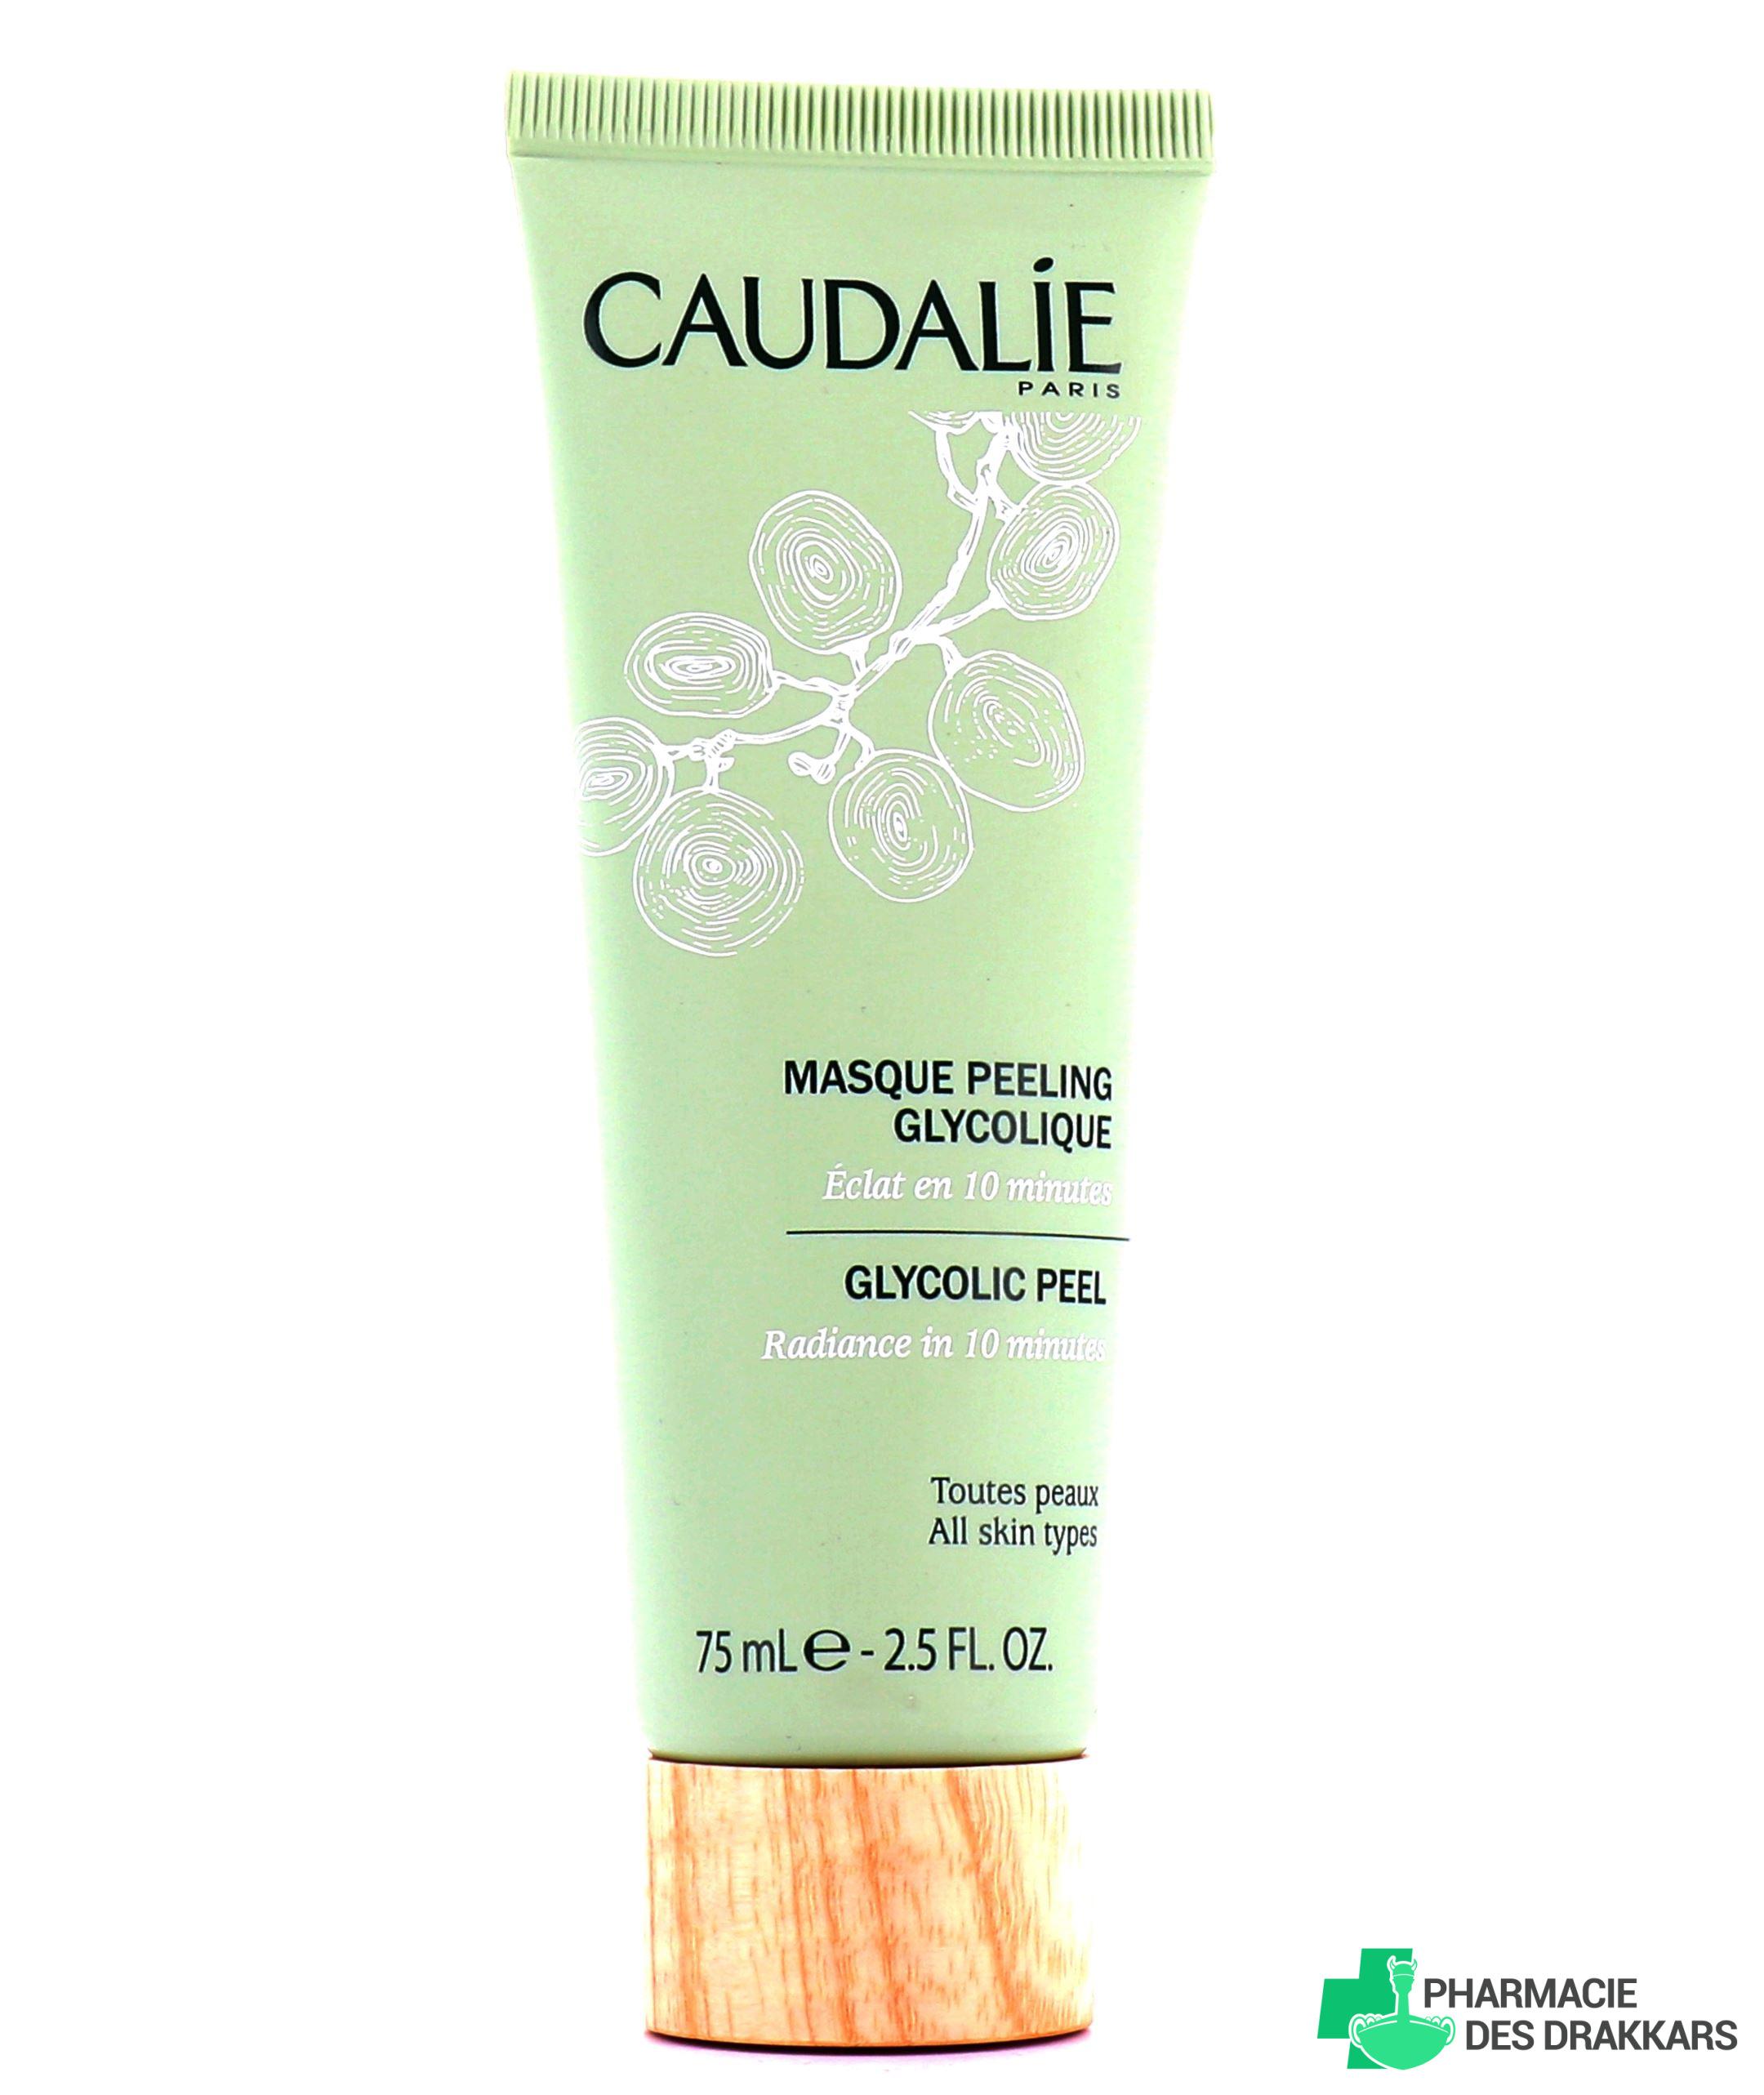 Masque peeling glycolique 75 ml Caudalie - Caudalie ...